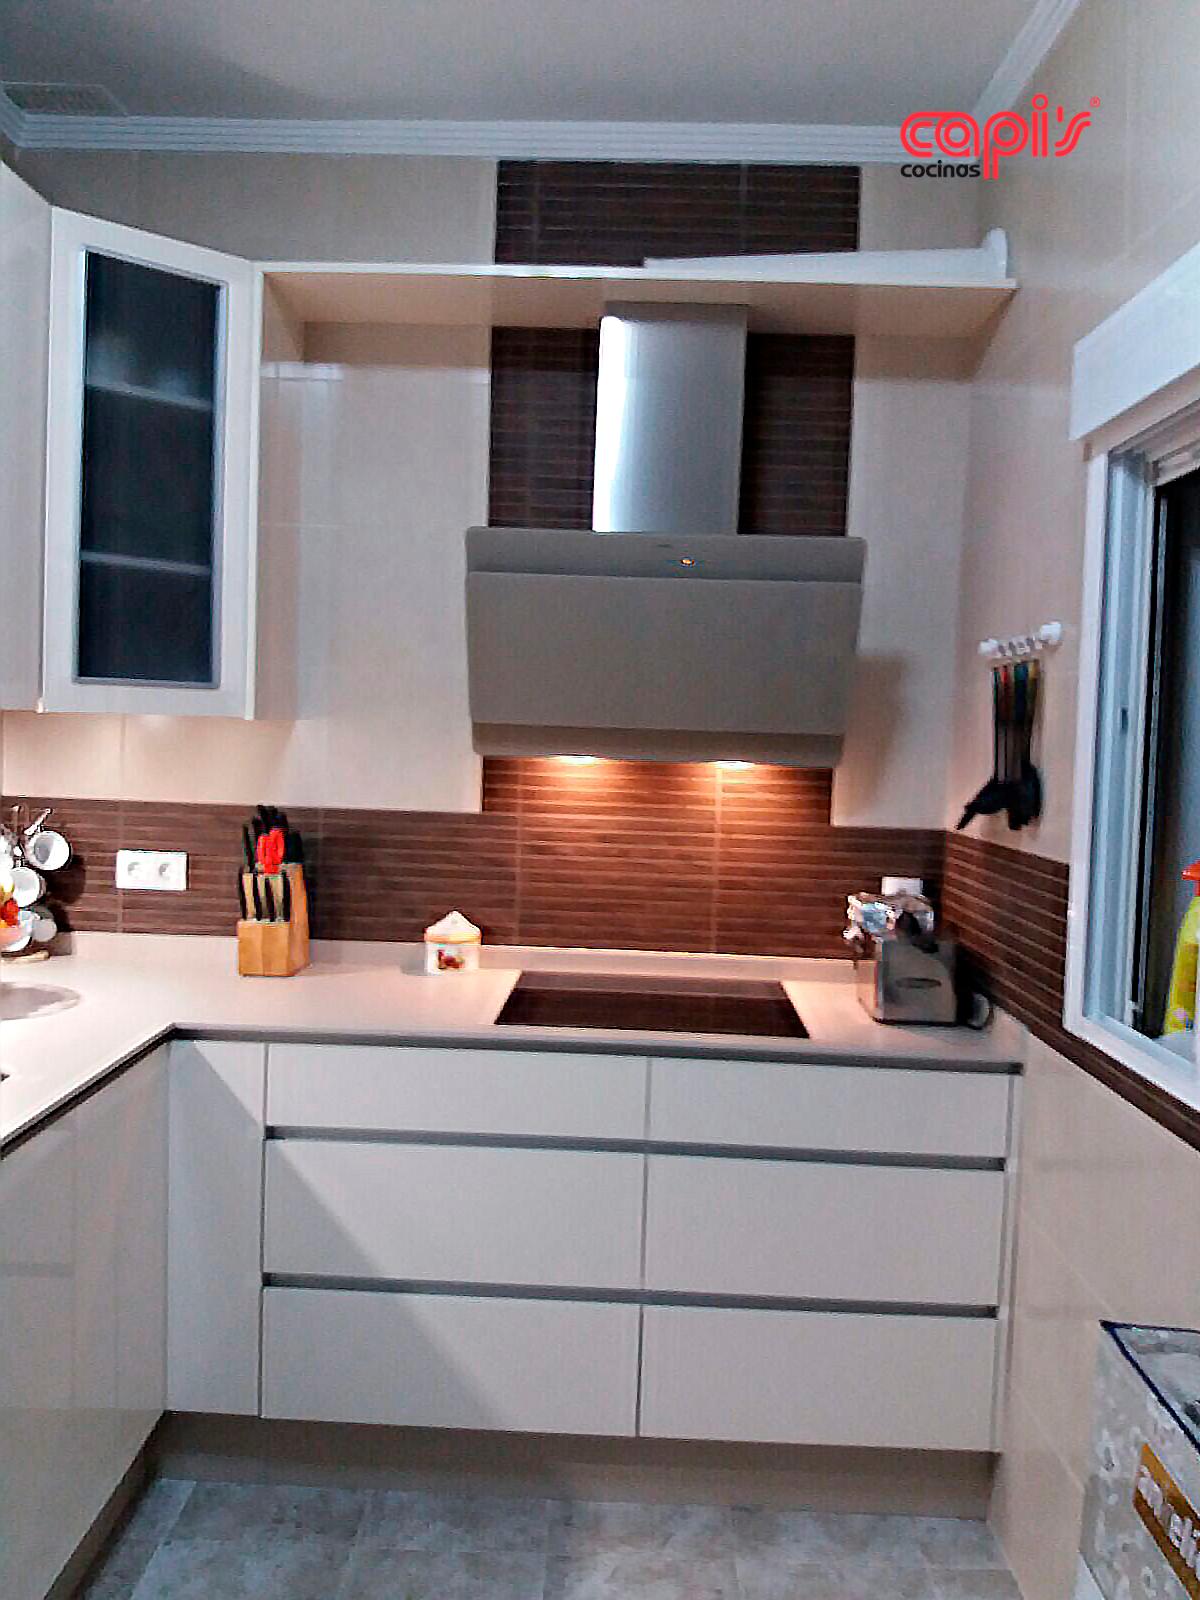 Cocina beige brillo cocinas capis dise o y fabricaci n for Configurador cocinas